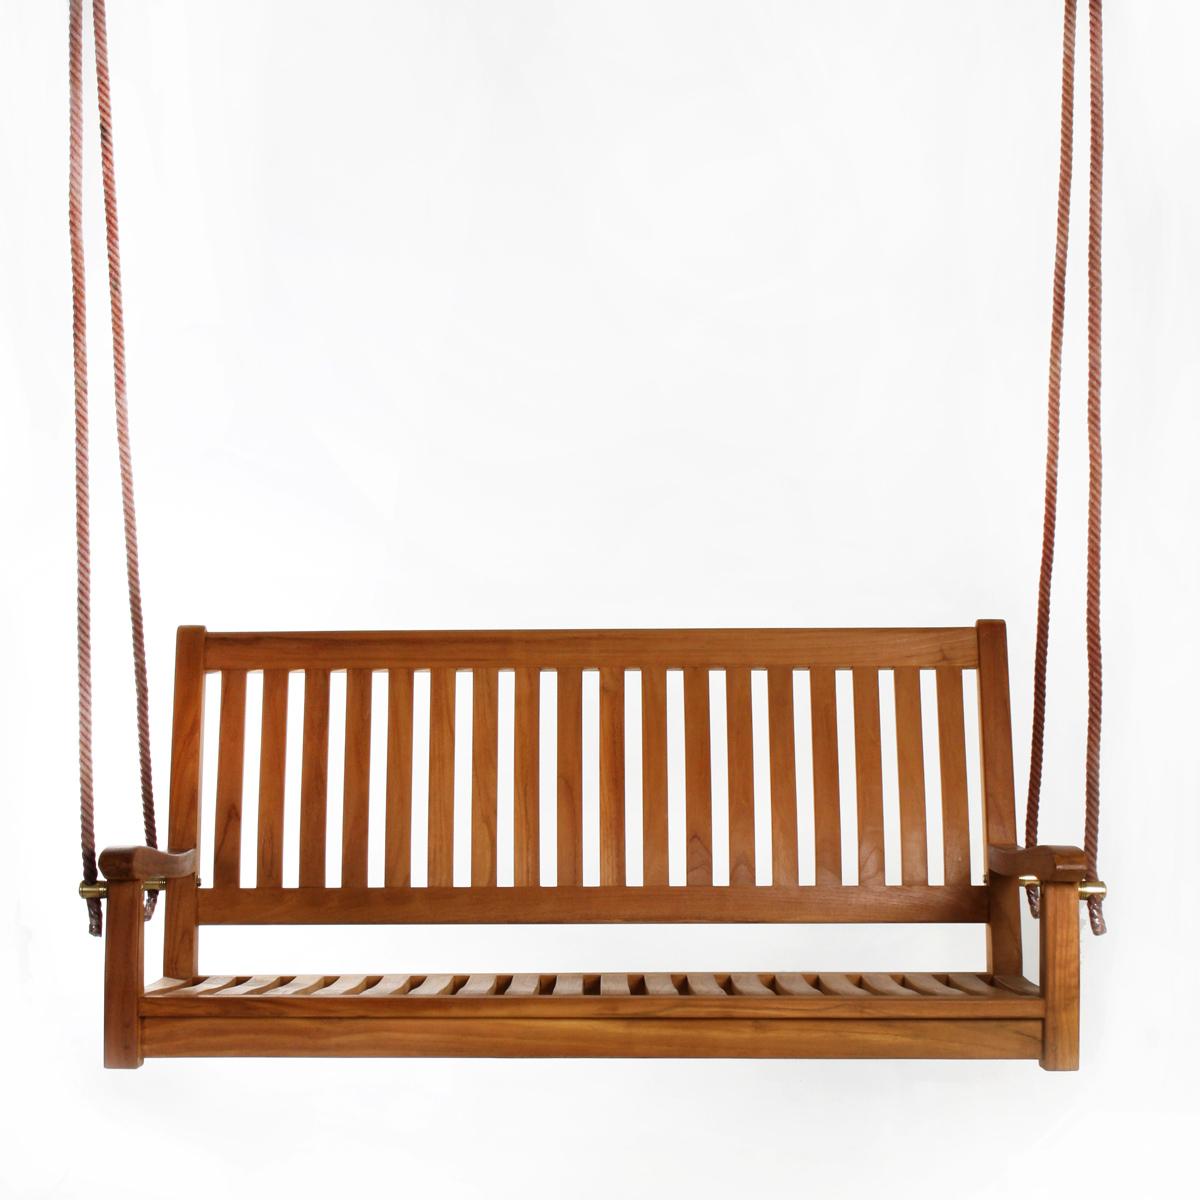 All Things Cedar 26 In X 54 In Brown Teak Swing With Regard To Preferred Teak Porch Swings (Gallery 12 of 25)